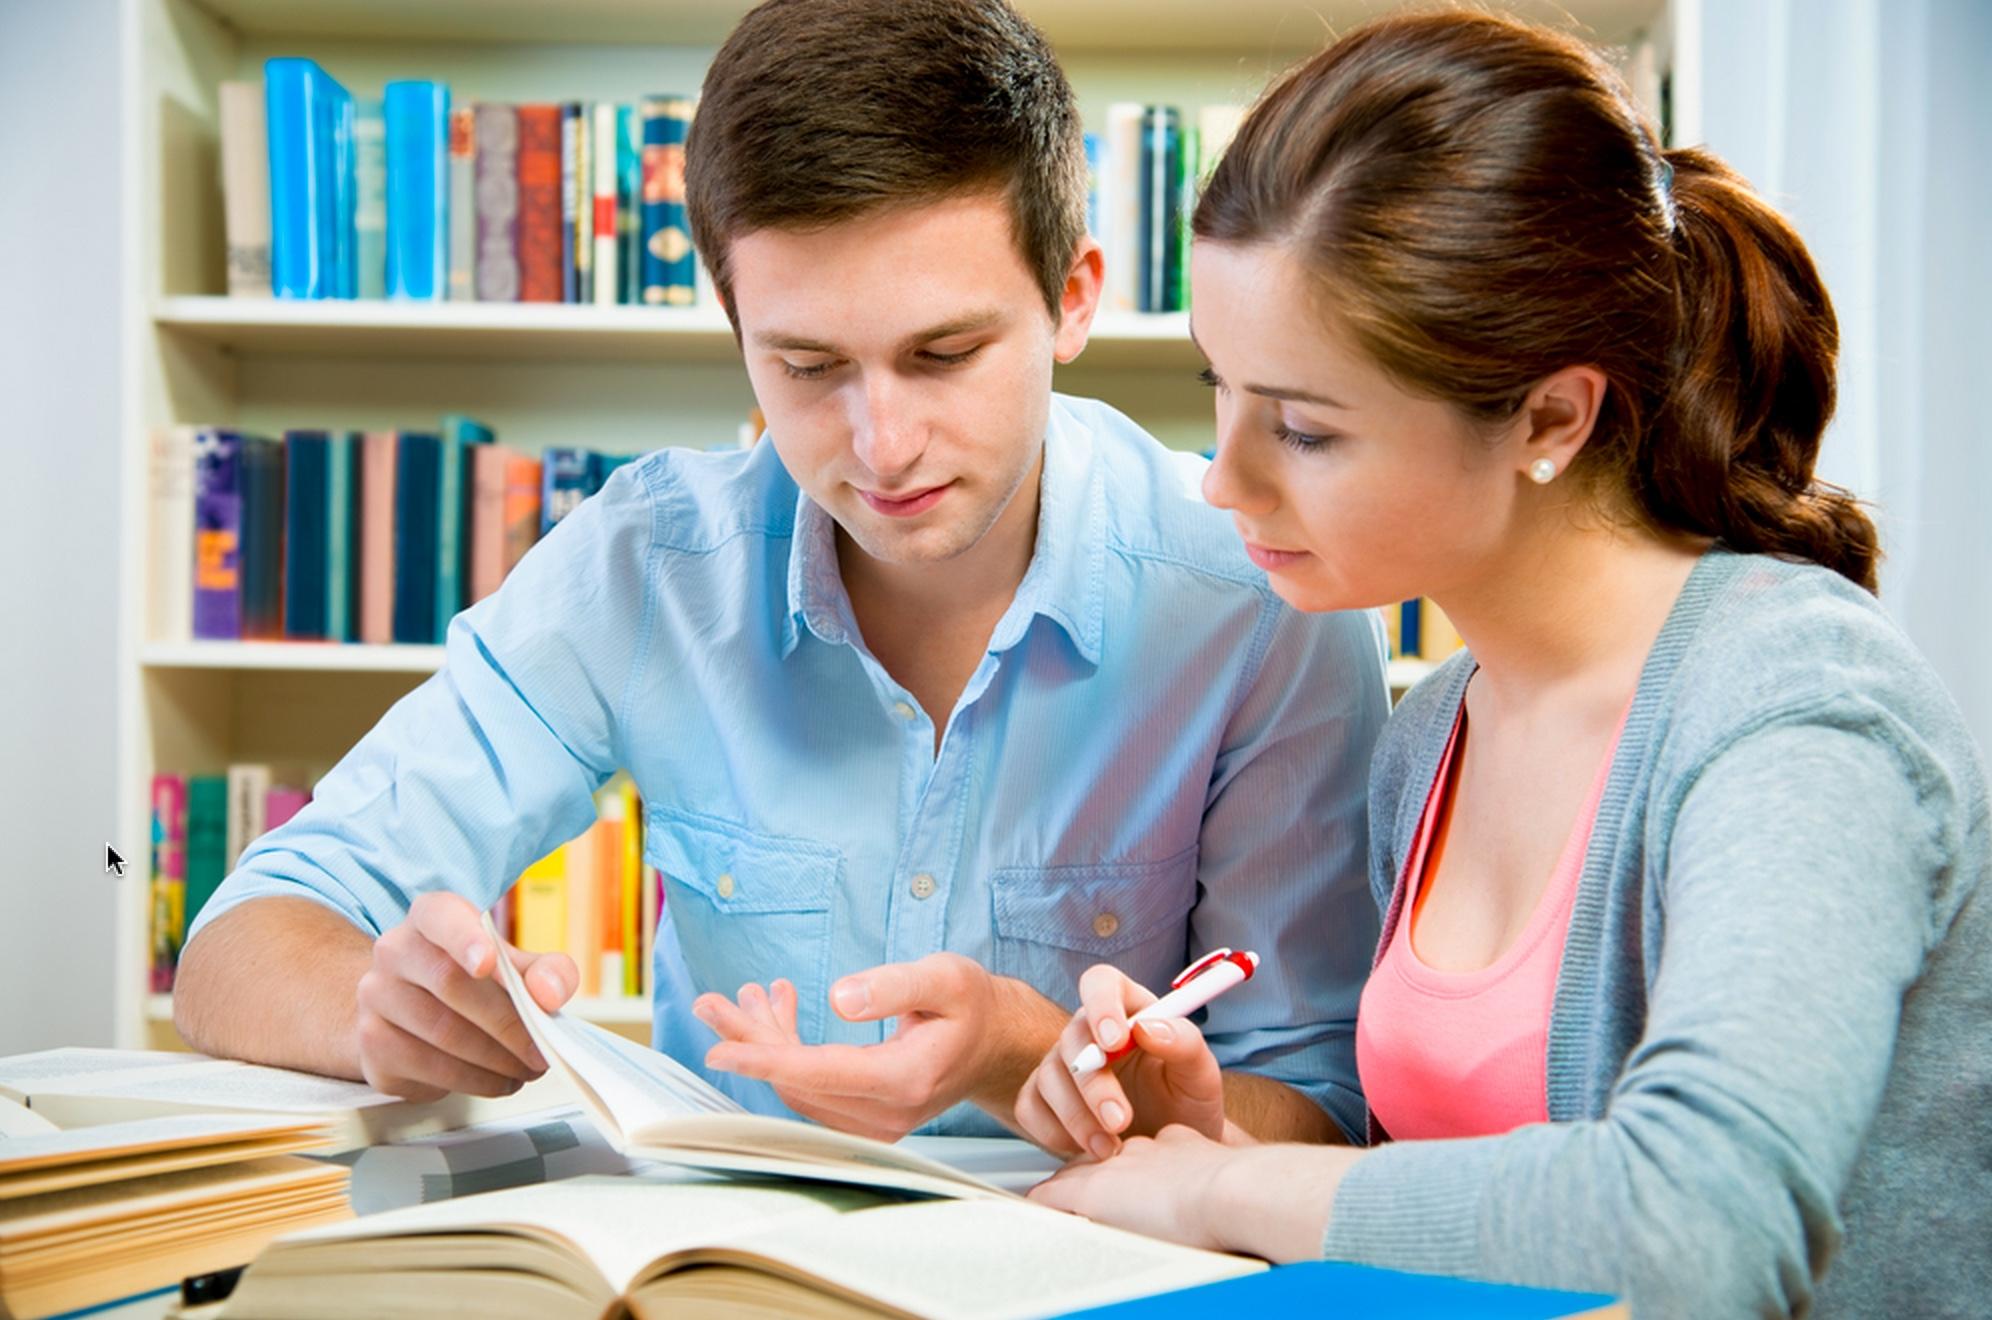 7 cách giúp du học sinh cải thiện Tiếng Anh hiệu quả   Du học Thụy Sỹ    Quản trị khách sạn   G'Connect Hospitality Education